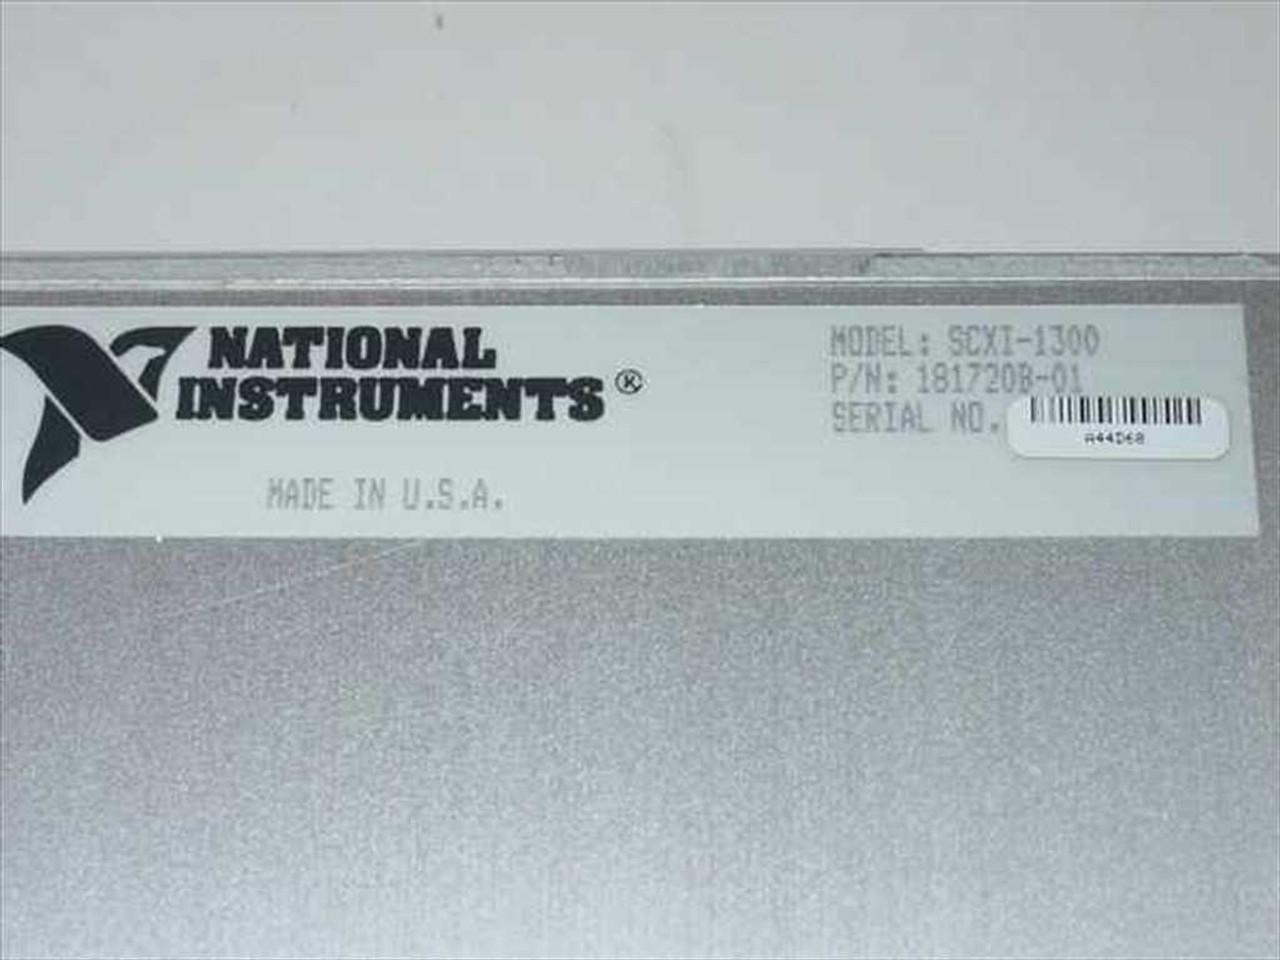 National Instruments SCXI-1300 National Instruments Voltage Module Plug-in